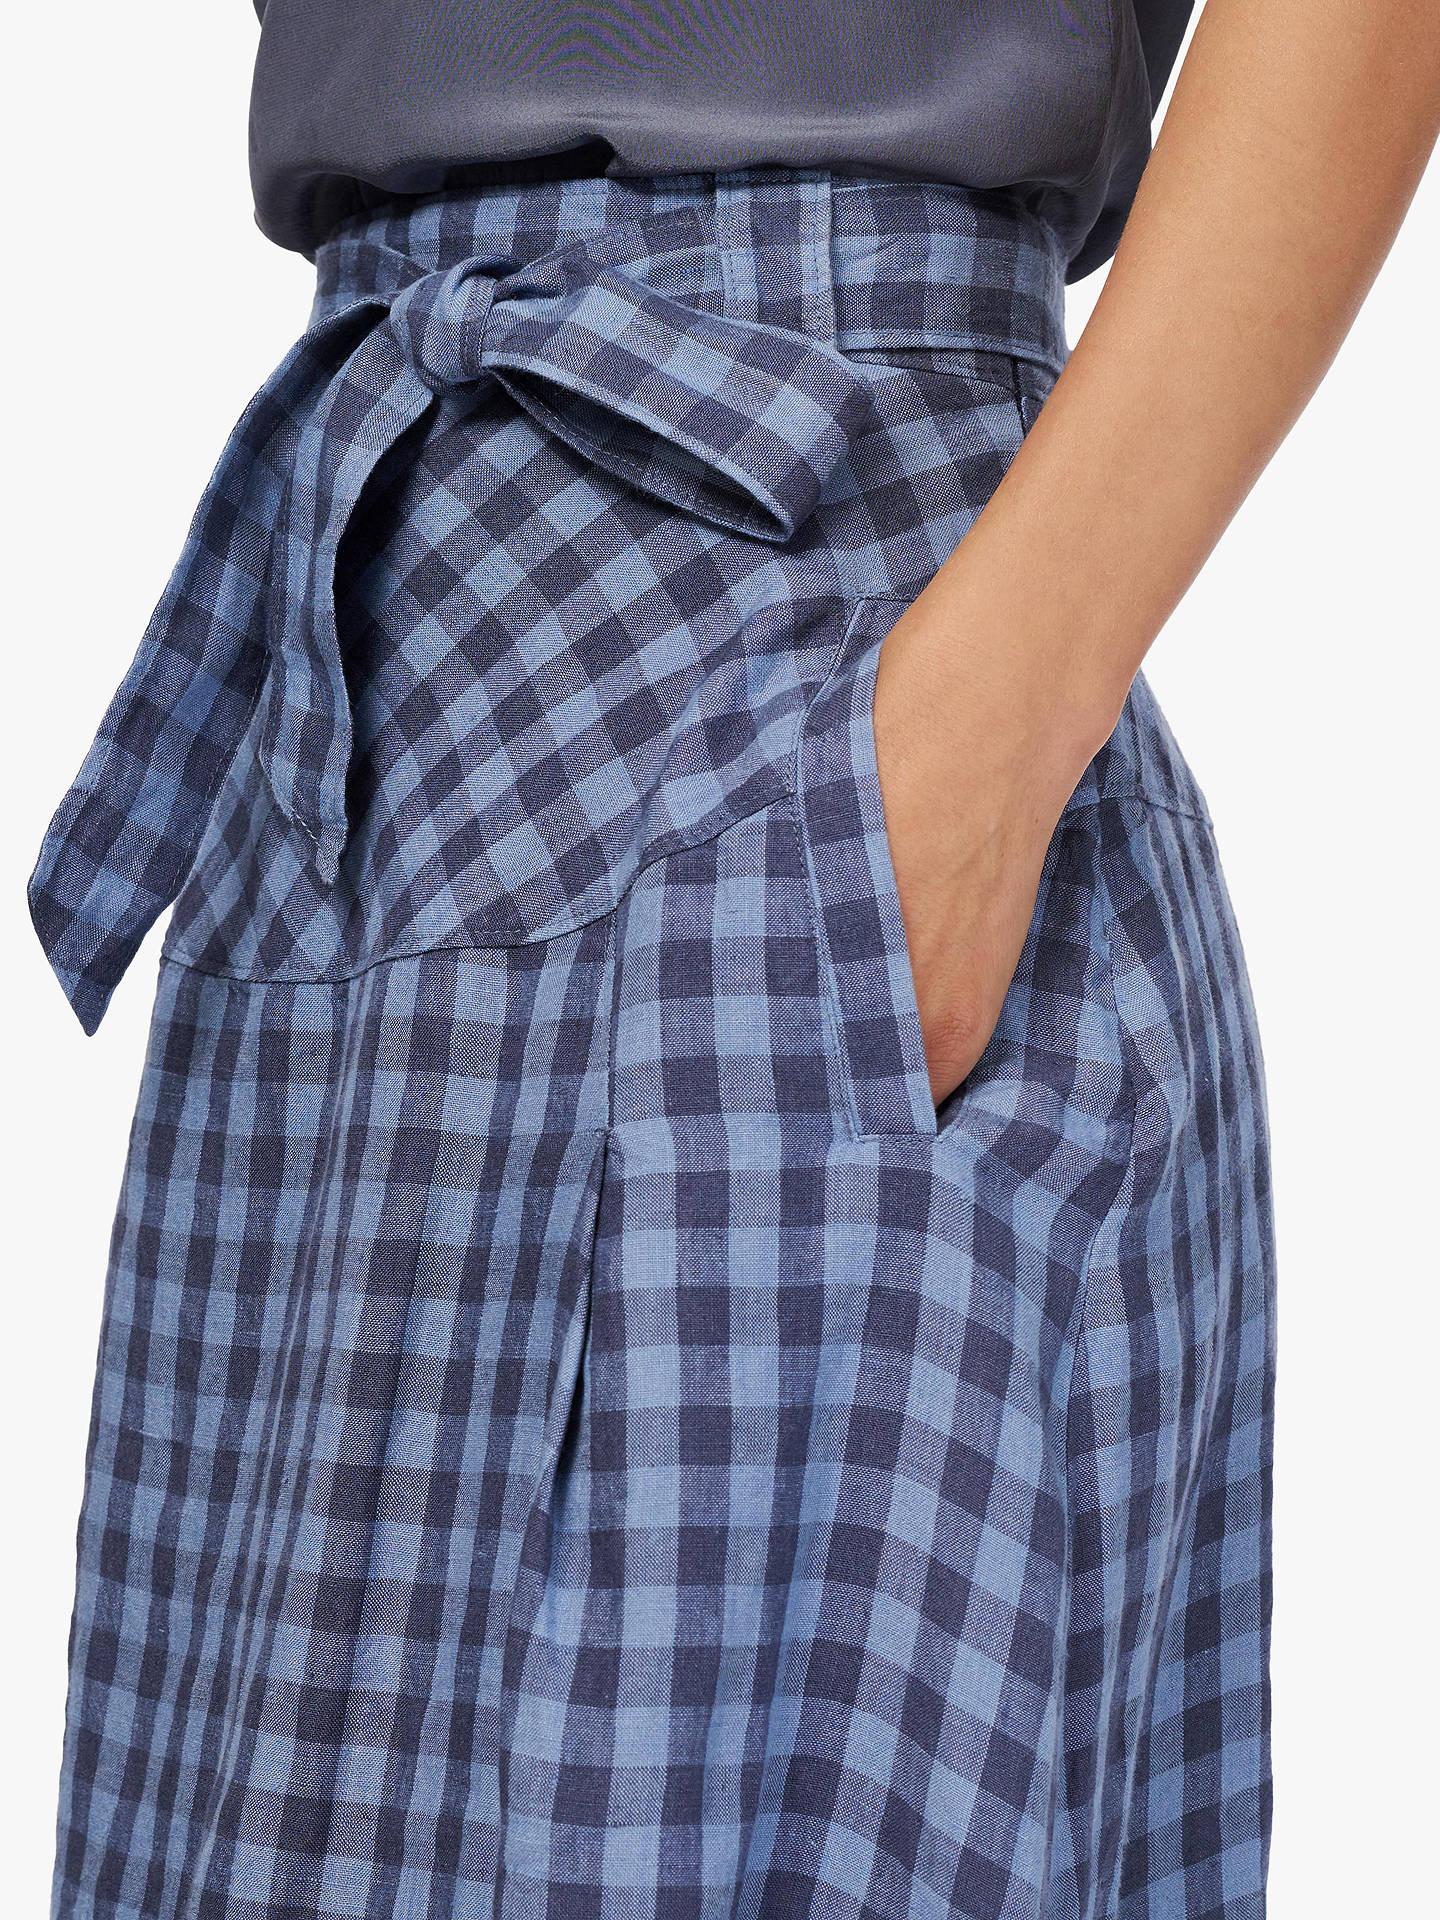 6ec1c9cc2d1 ... Buy Brora Gingham Check Linen Skirt